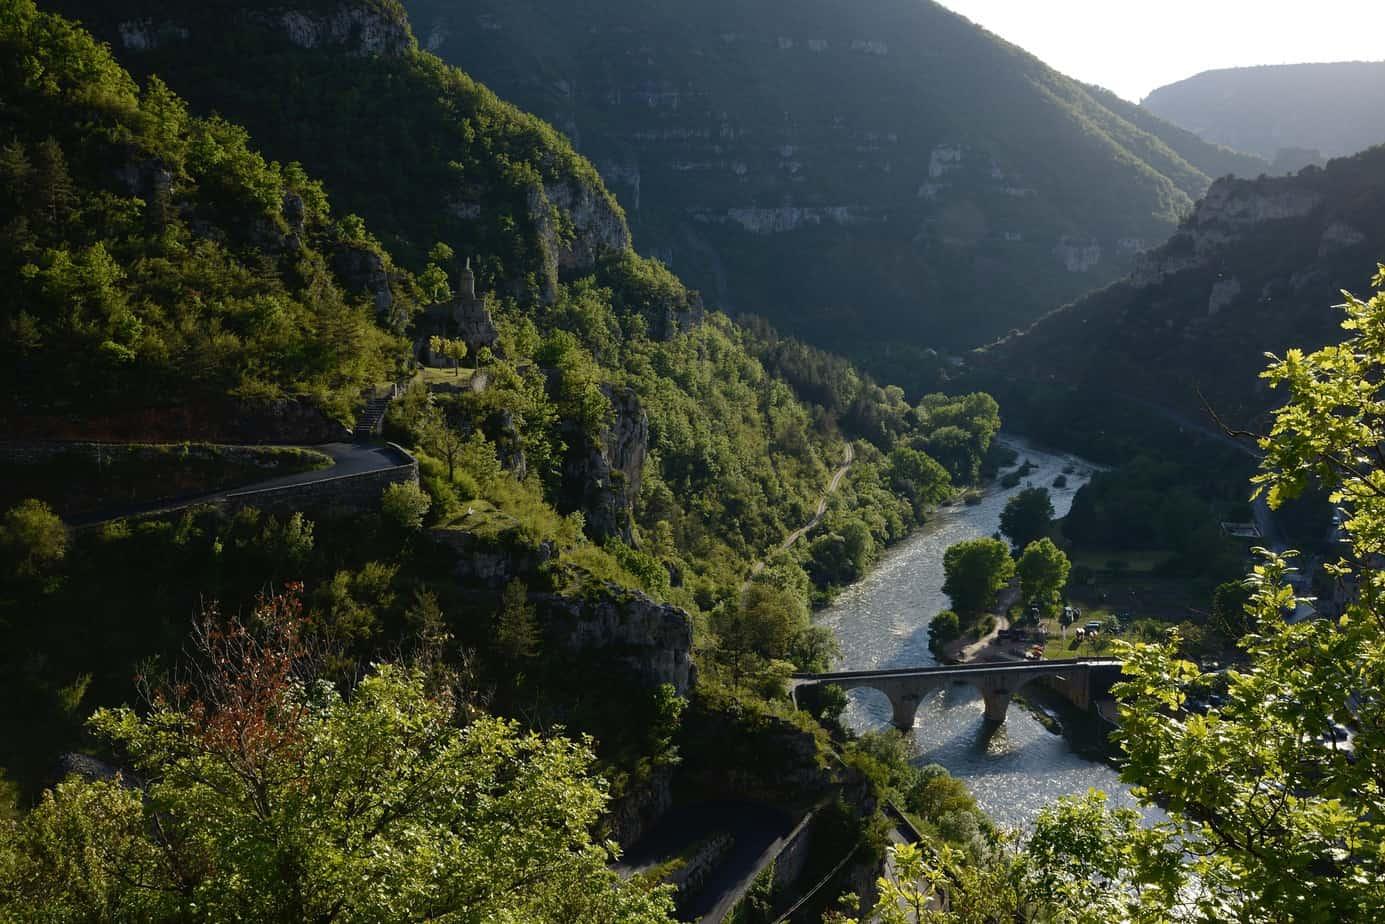 Lozère Gorges du Tarn